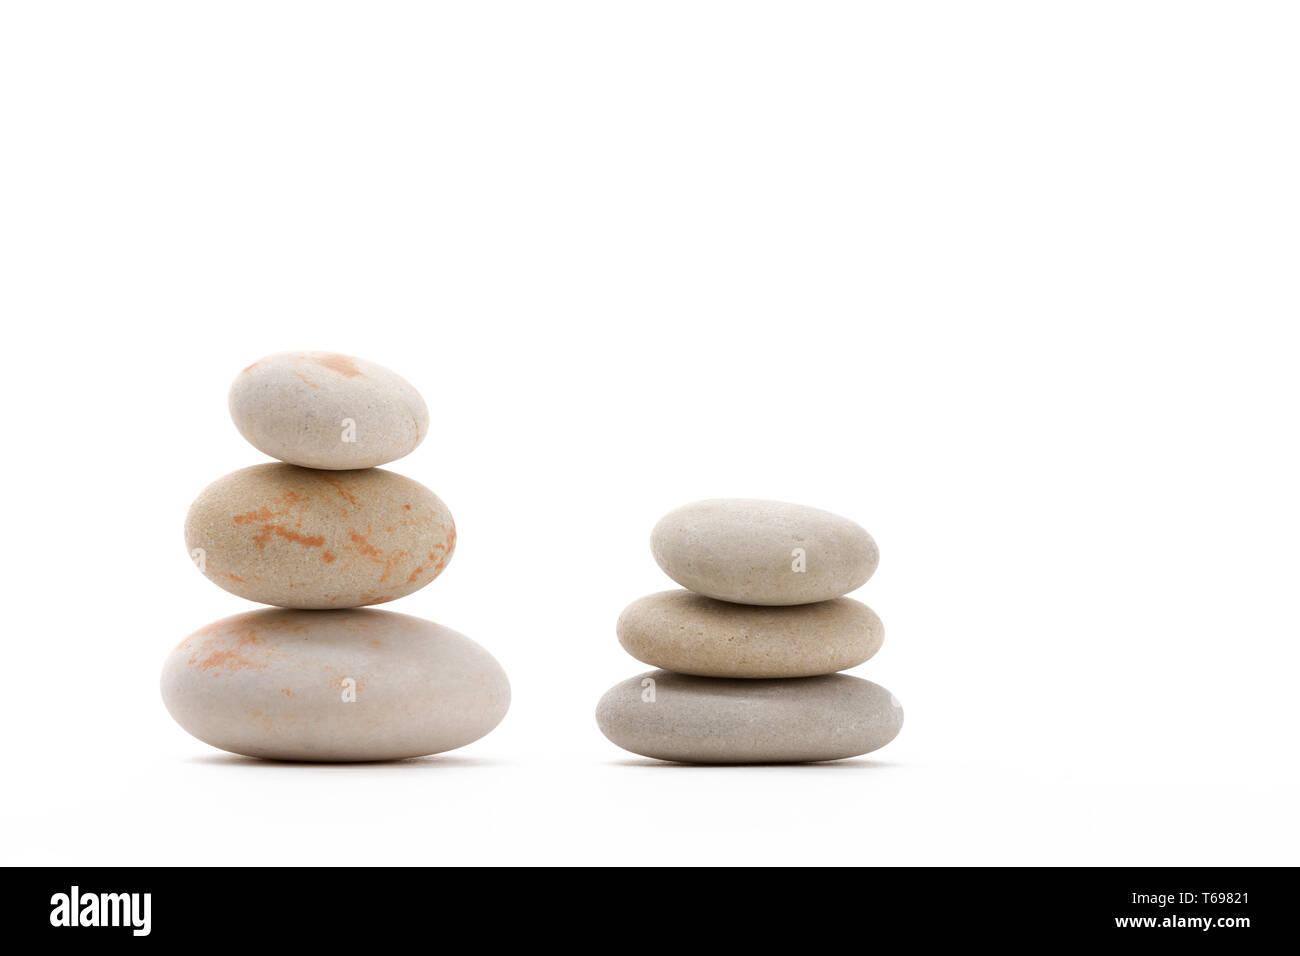 balancing zen stones isolated - Stock Image